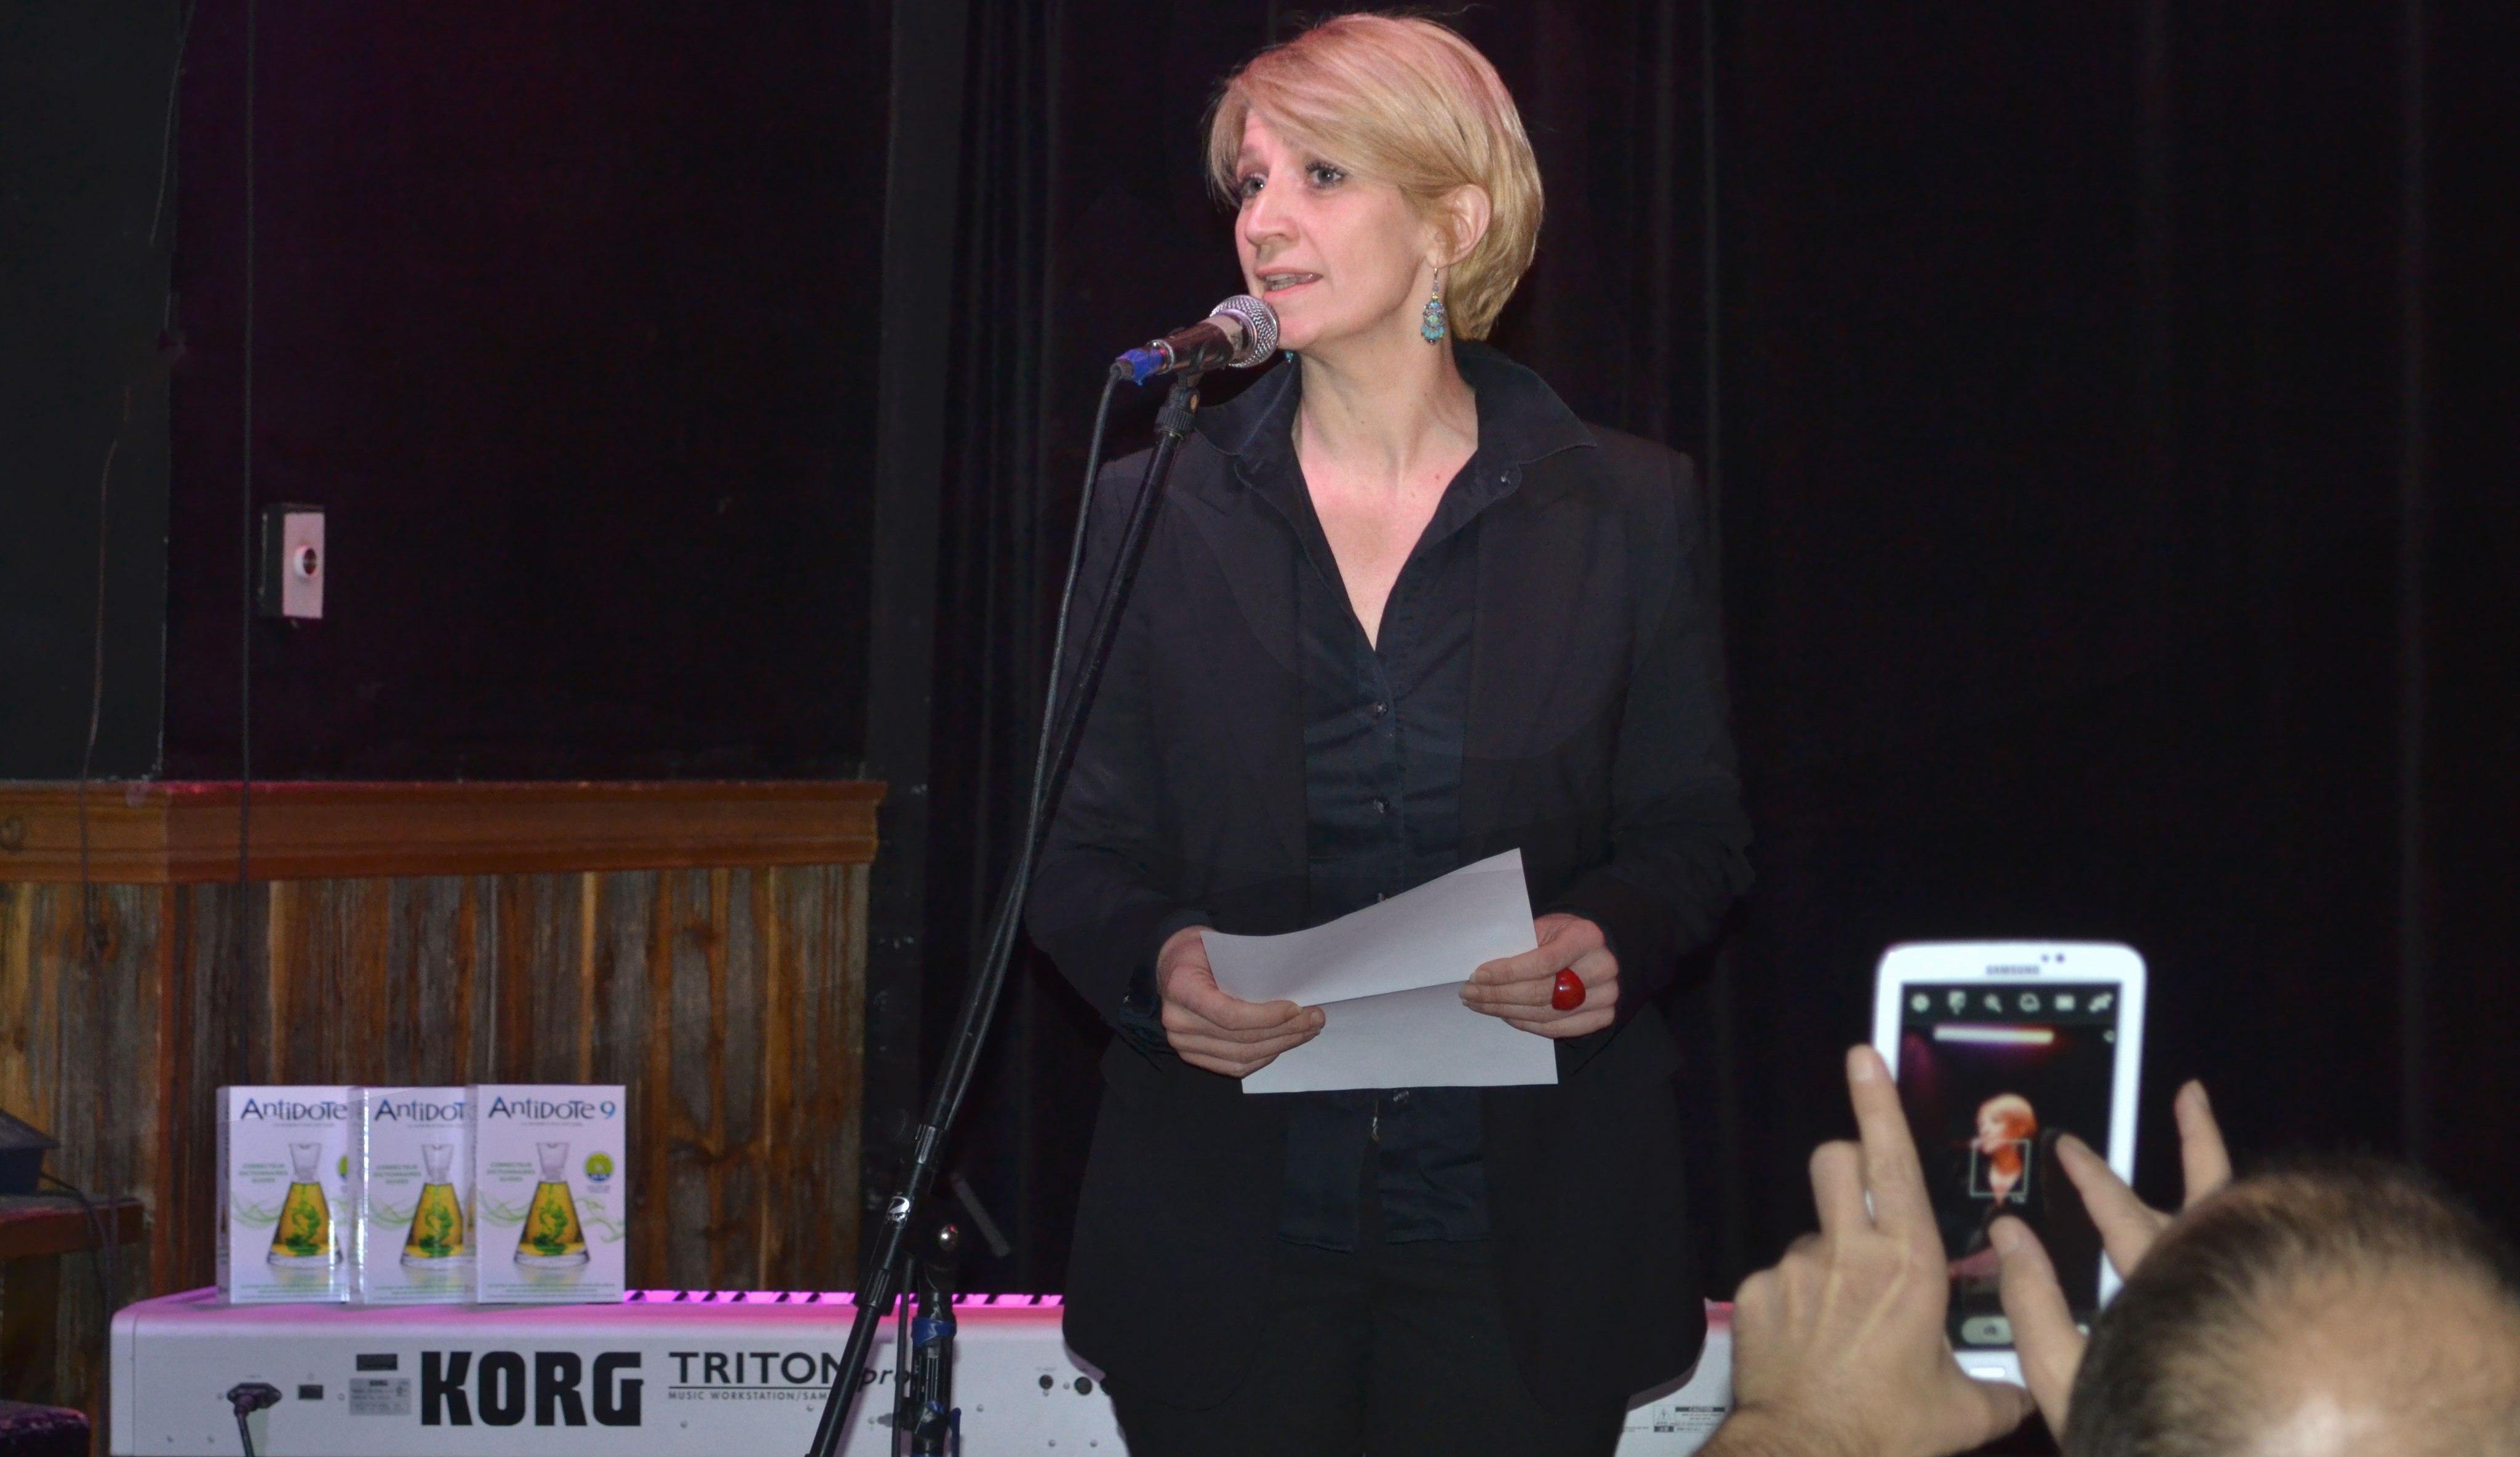 Carole Renaud, poète : « Le Québec donne des ailes pour suivre son cœur »